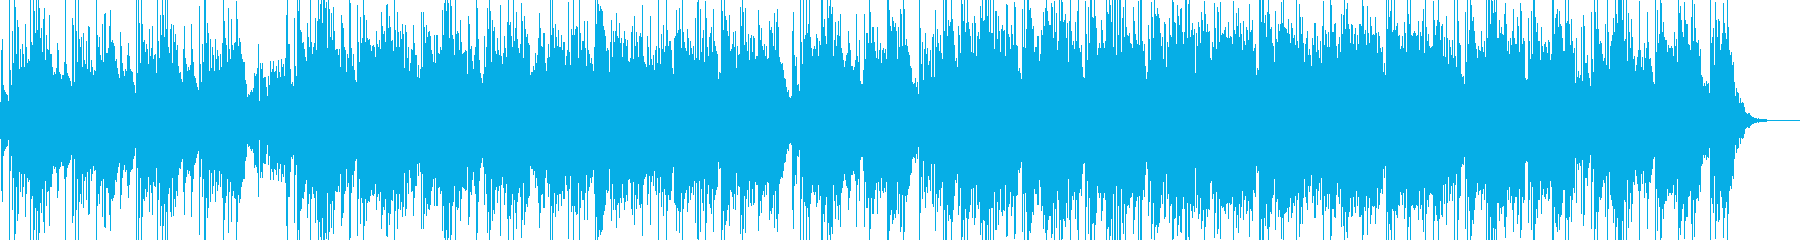 ハープと笛の幻想的なケルト民族調バラッドの再生済みの波形